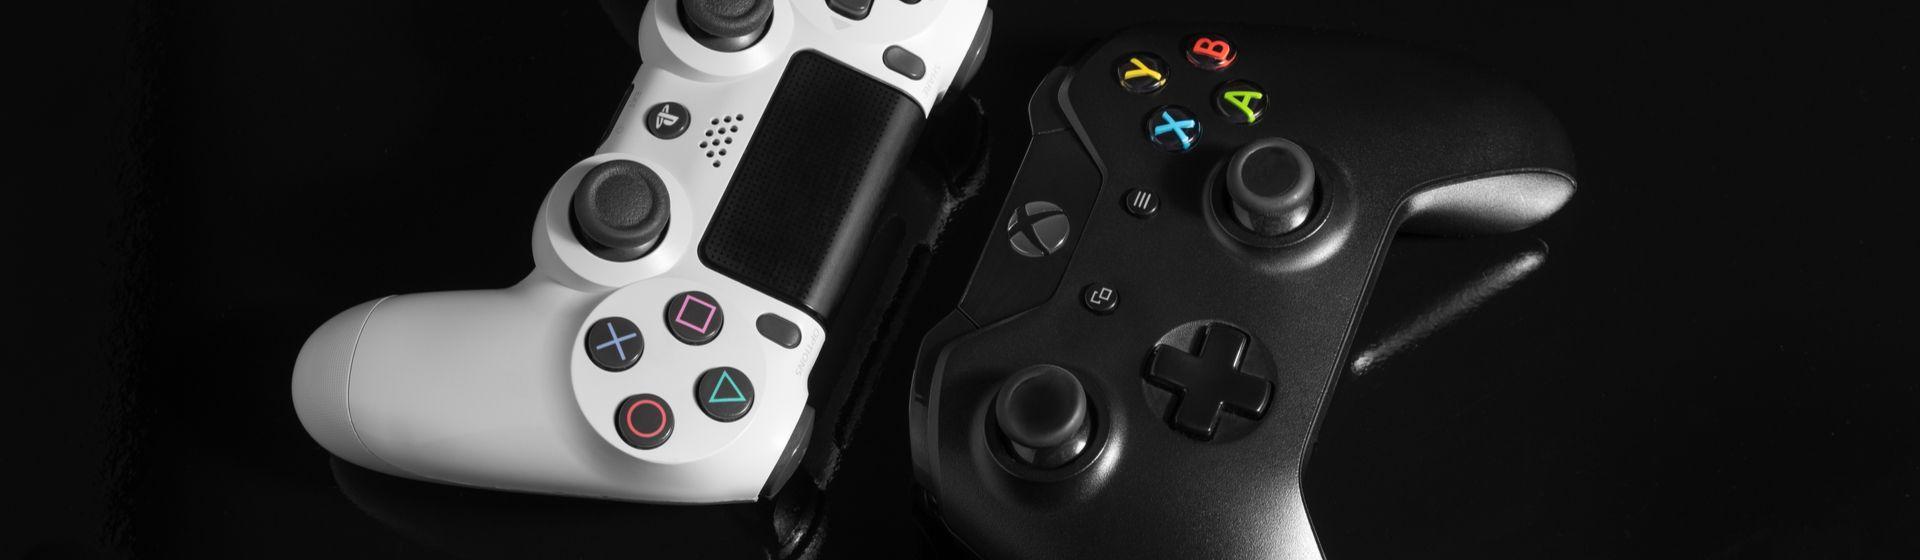 PS4 e Xbox One: confira os jogos que estão em promoção